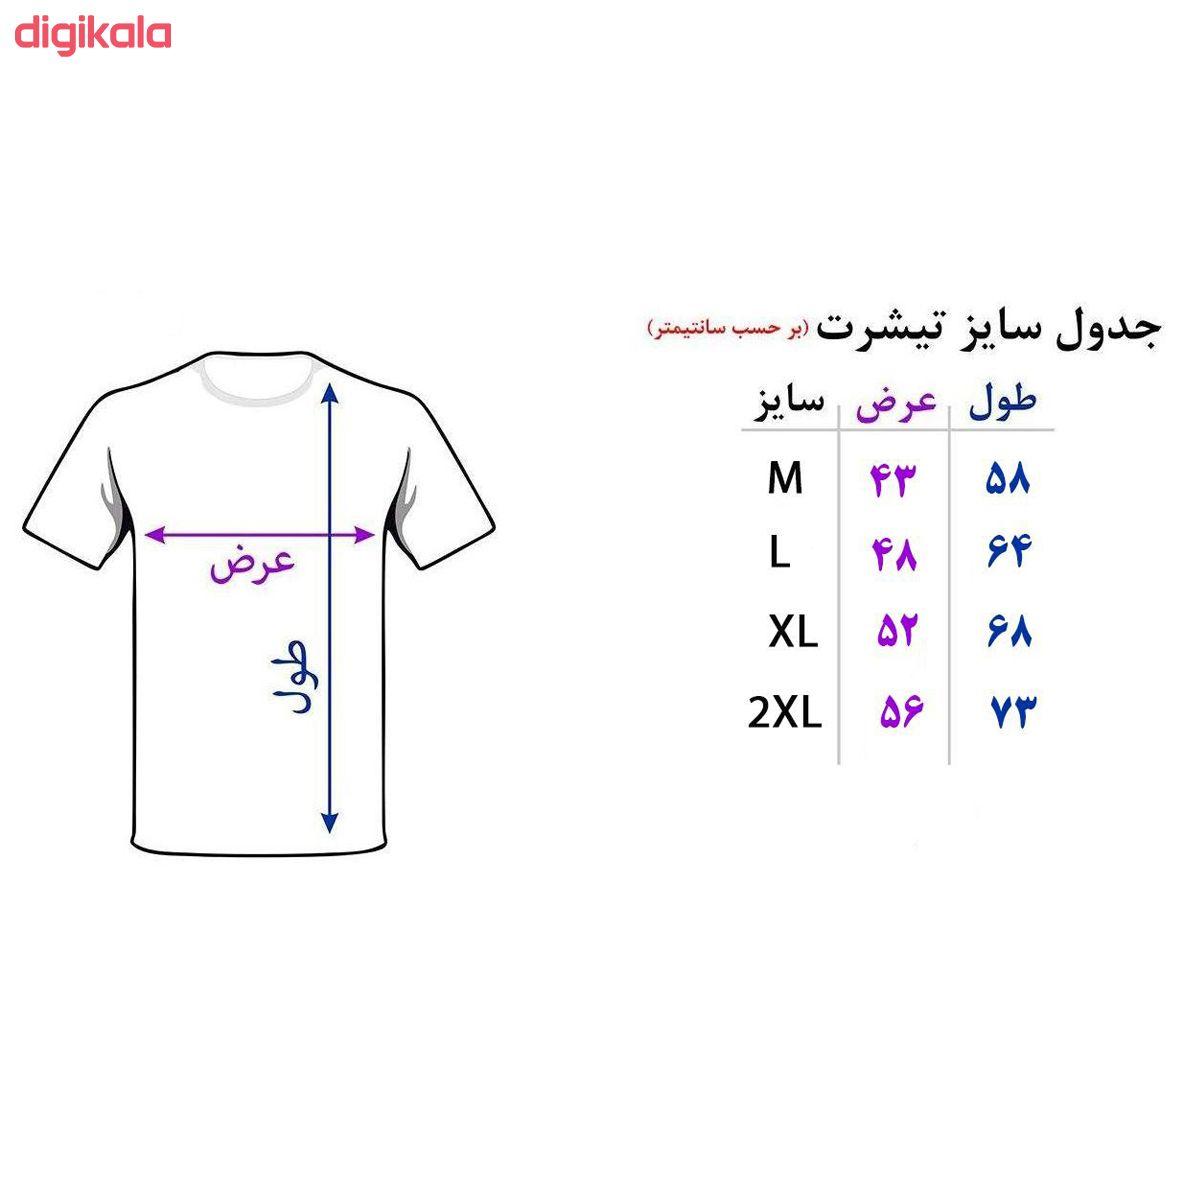 تی شرت زنانه طرح بیلی ایلیش کد S001 main 1 1